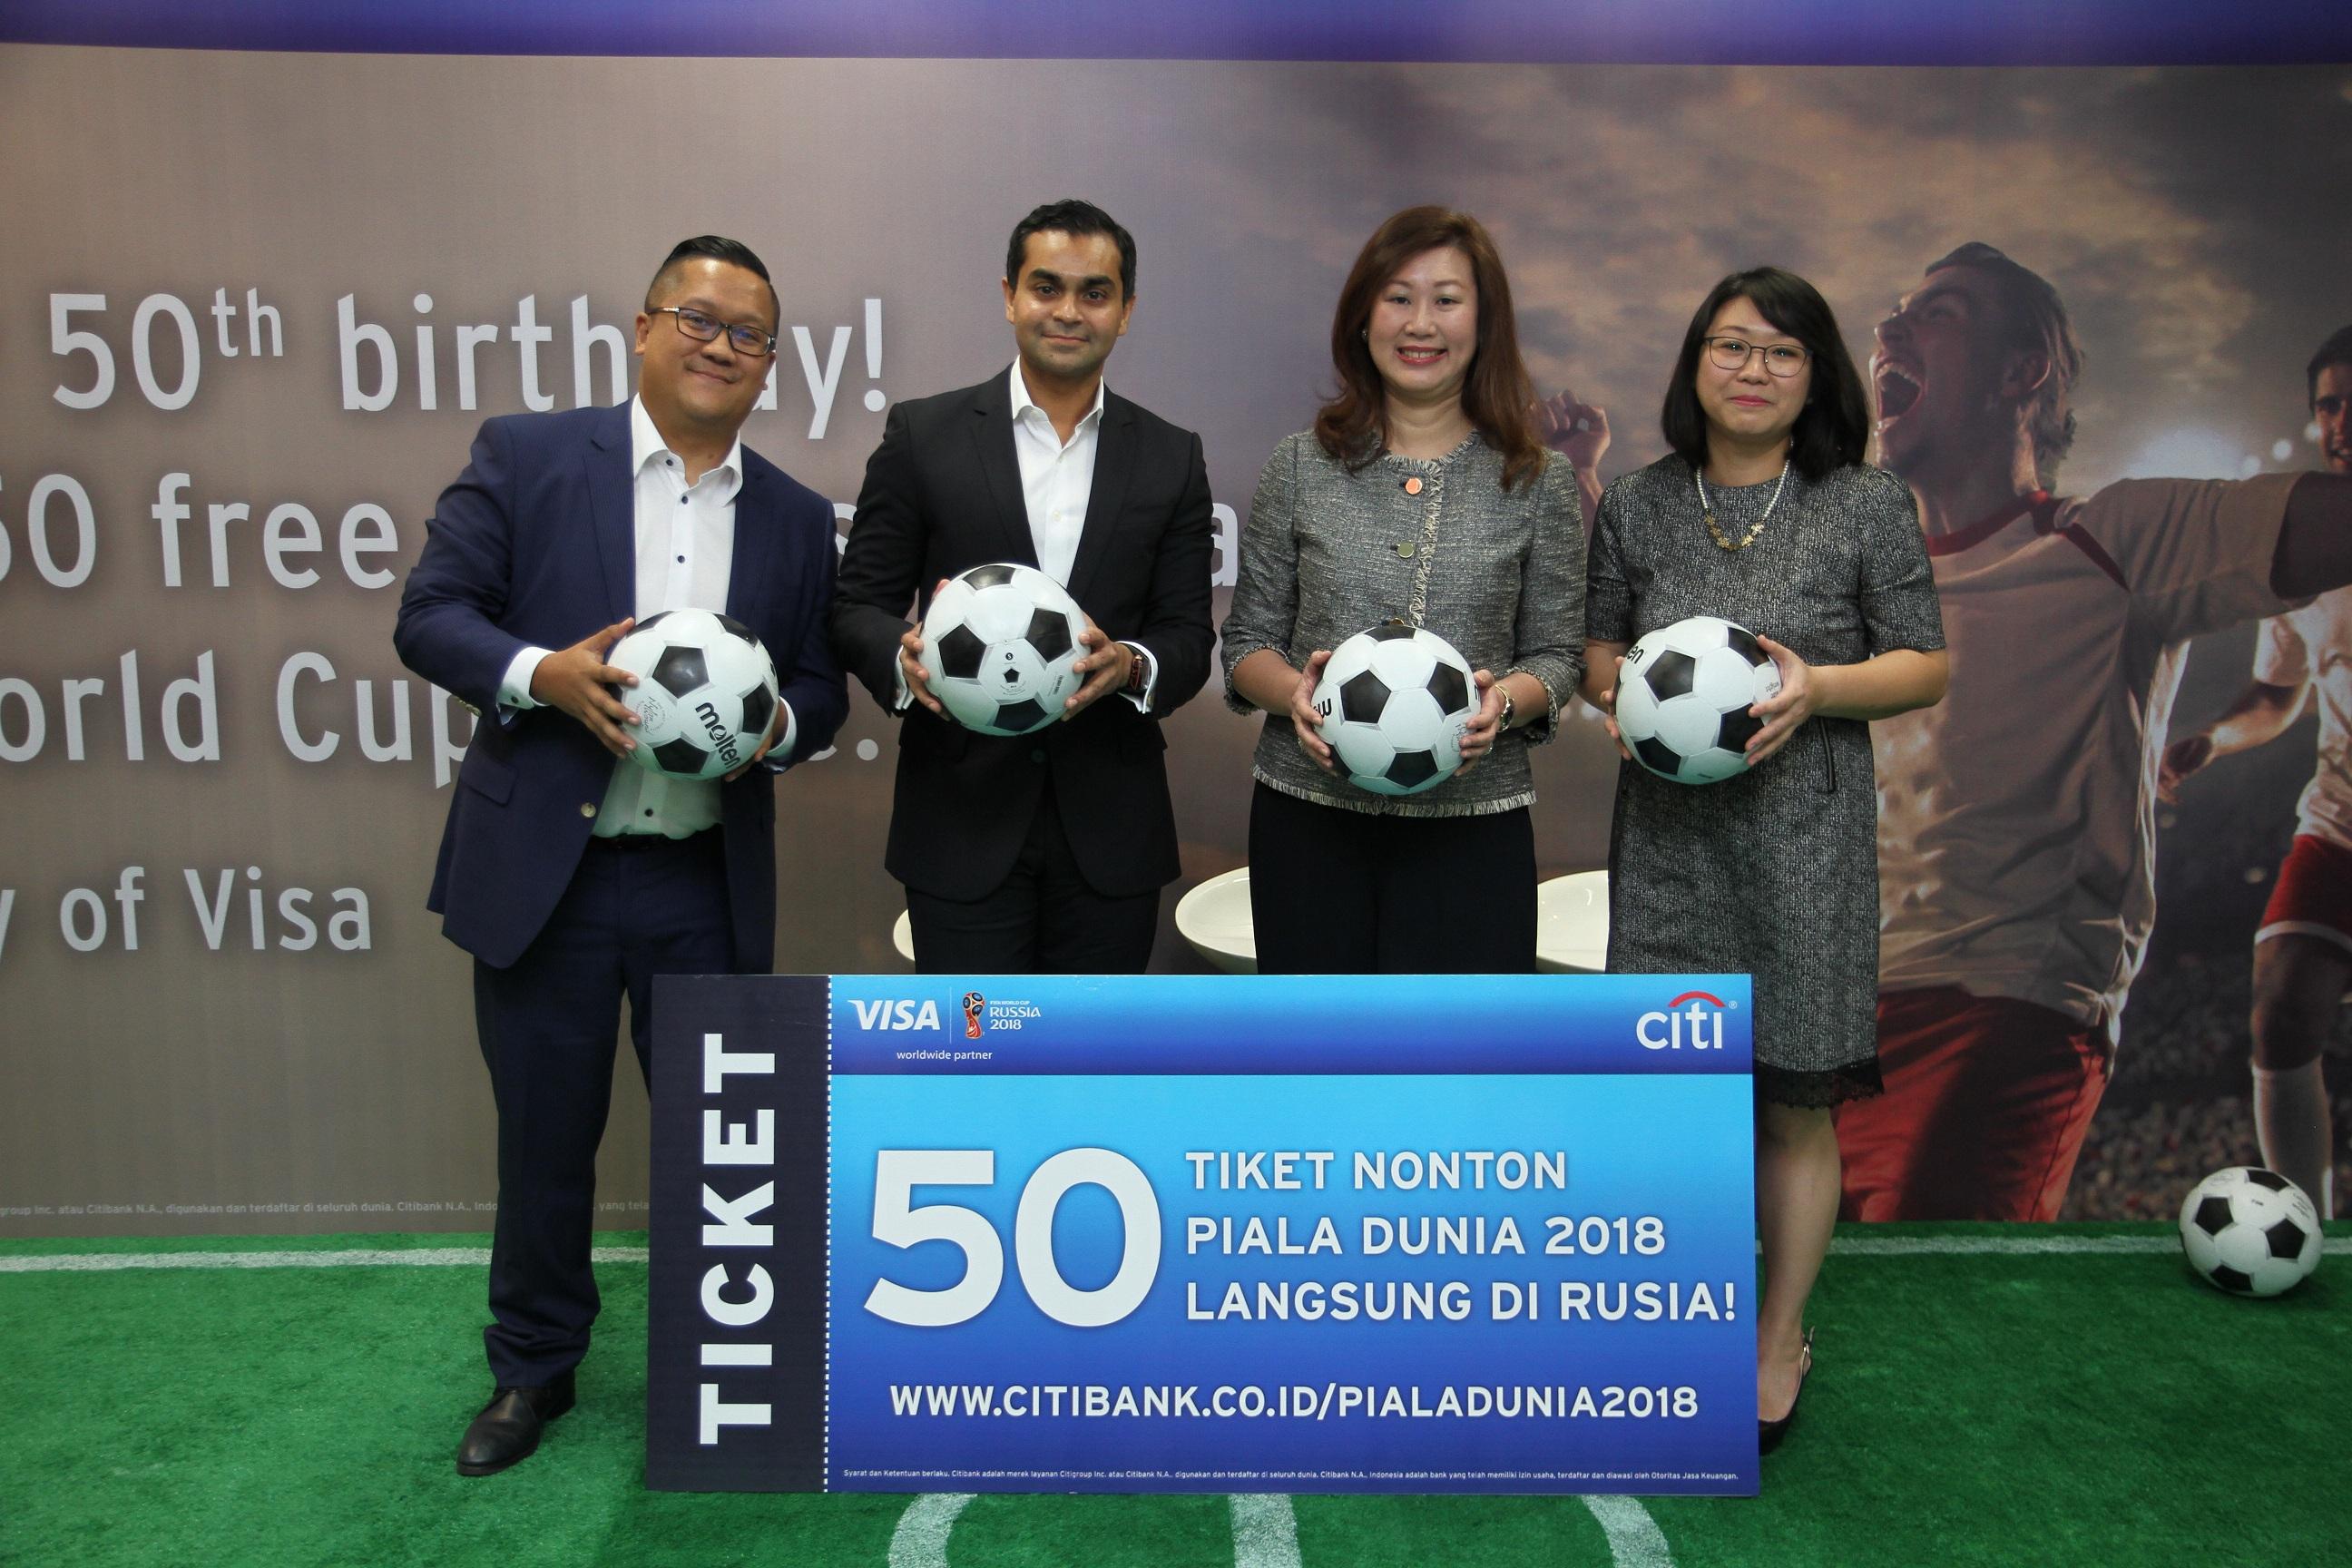 Citibank Indonesia dan VIVA akan Terbangkan 50 Orang Nonton Piala Dunia di Rusia